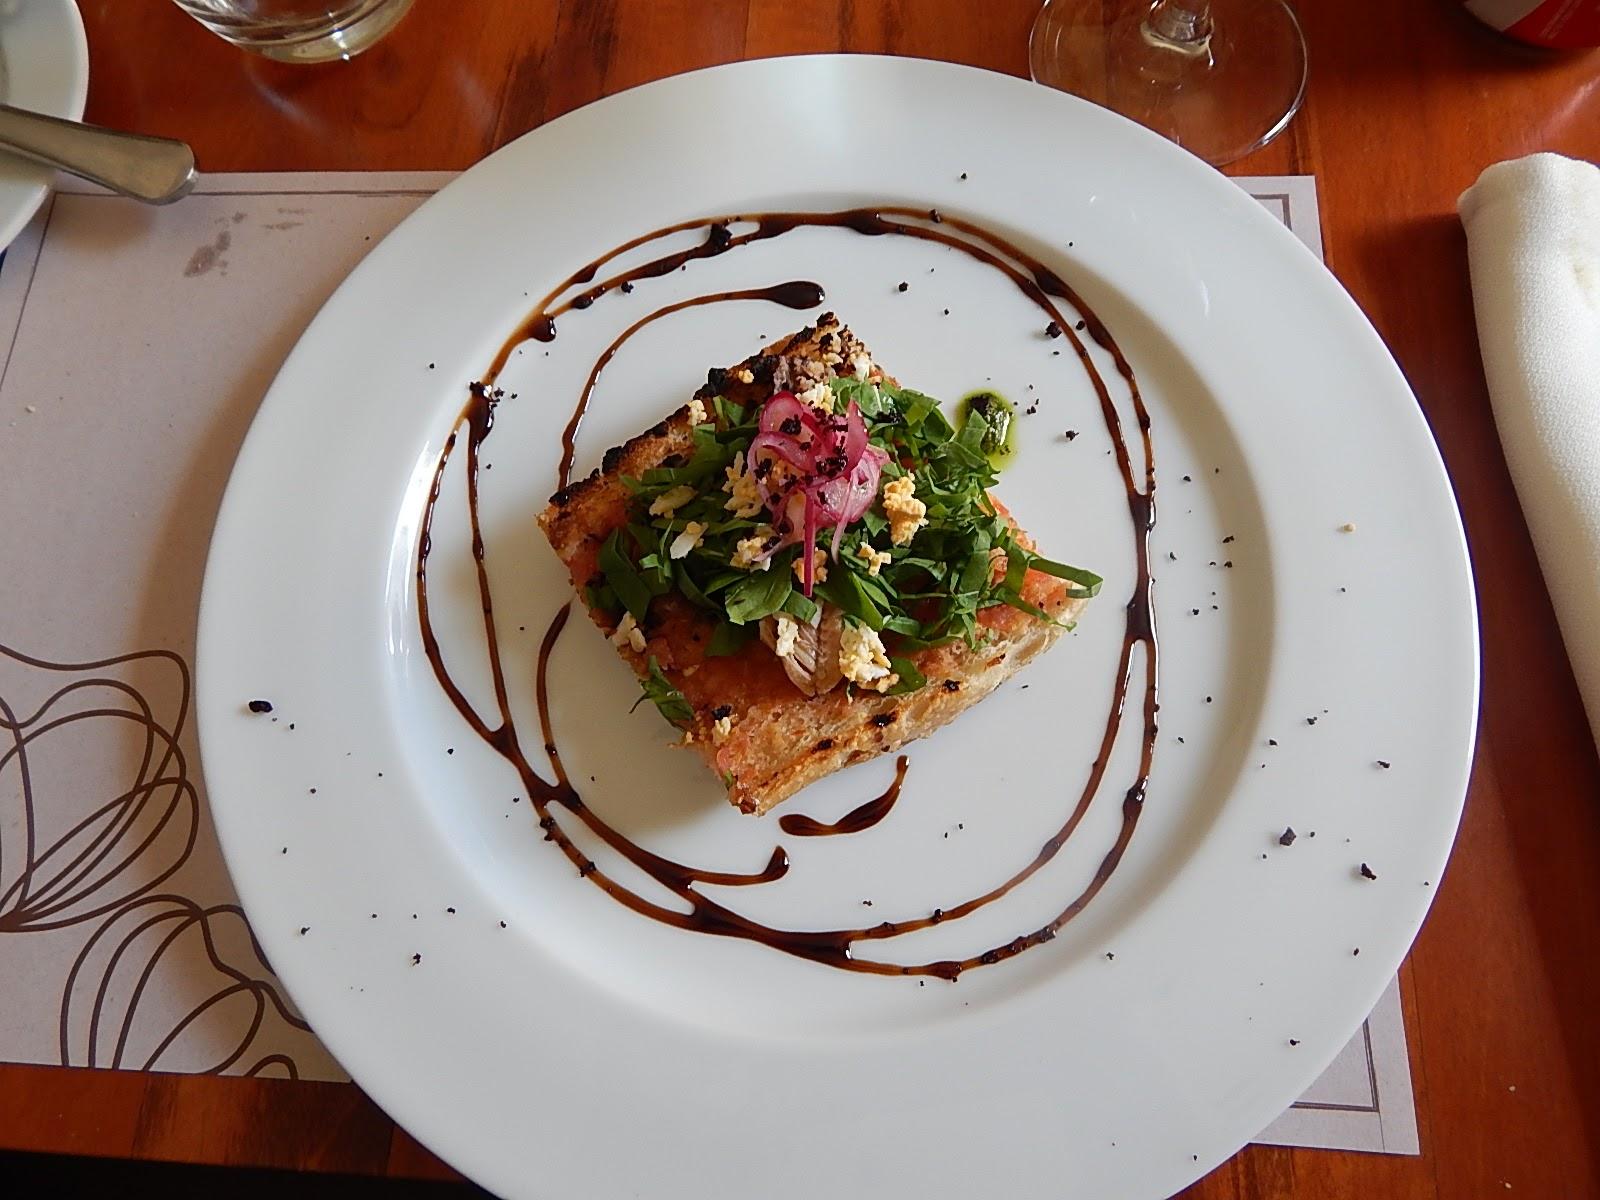 Bruscheta de sardinha com rúcula, ovo cozido, cebola roxa marinada, pesto e azeitonas pretas.